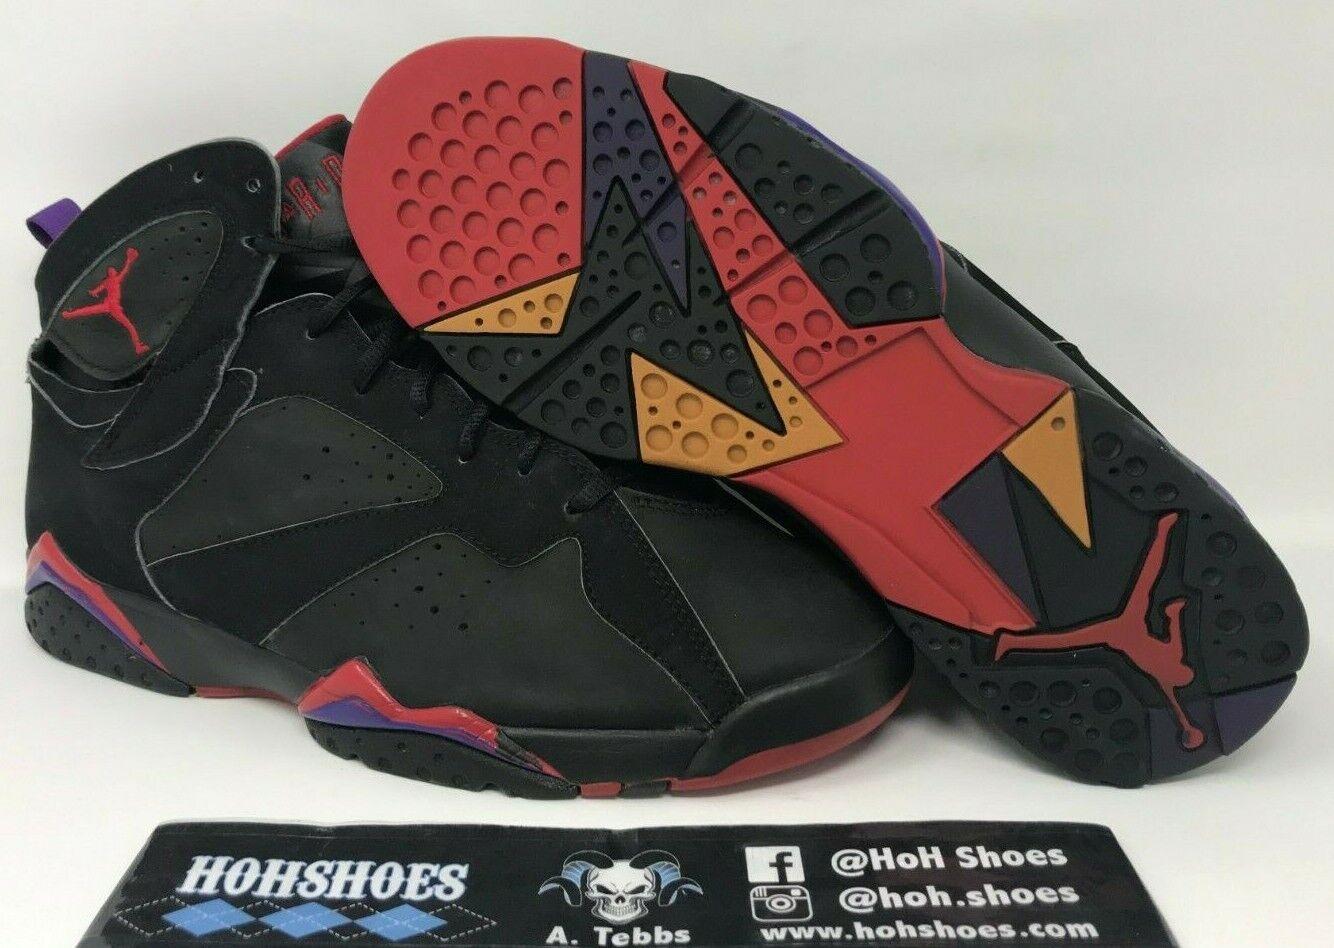 Air Jordan 7 VII Raptors (2002) 304775-006 Dimensione 10.5 with replacement scatola  Sautope classeiche da uomo